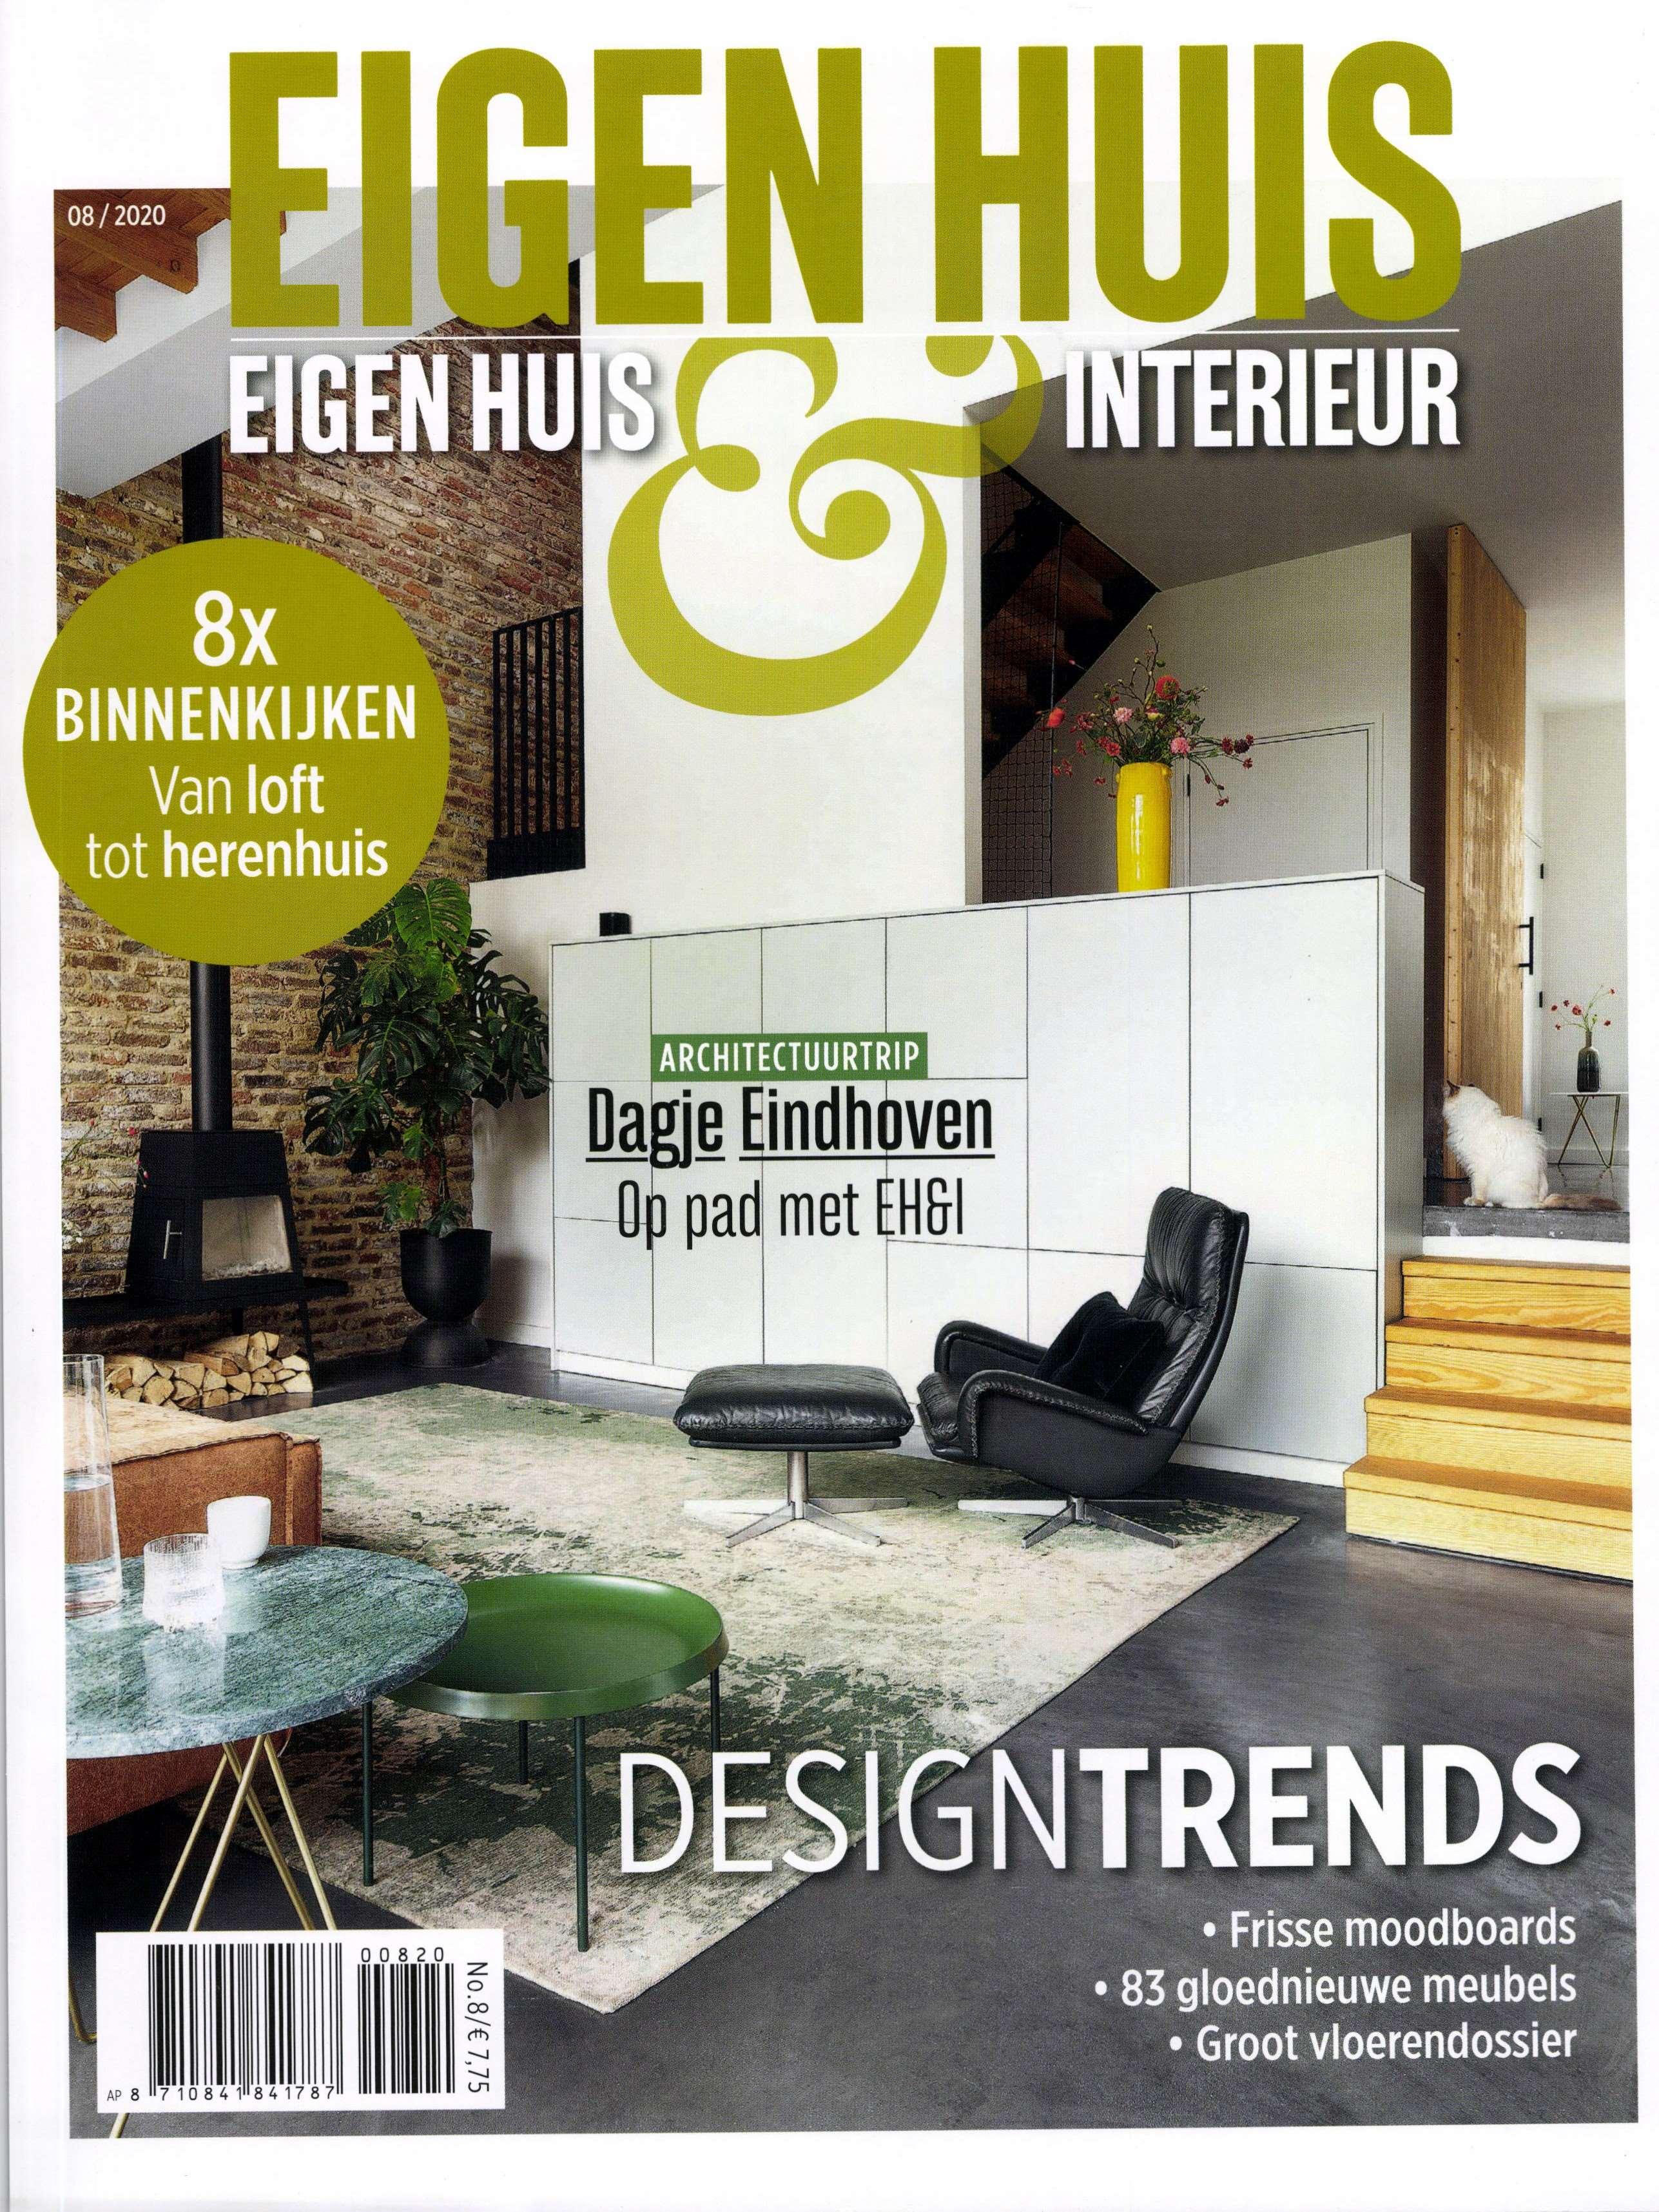 2020.11.10 – Eigen Huis & Interieur NL – cover